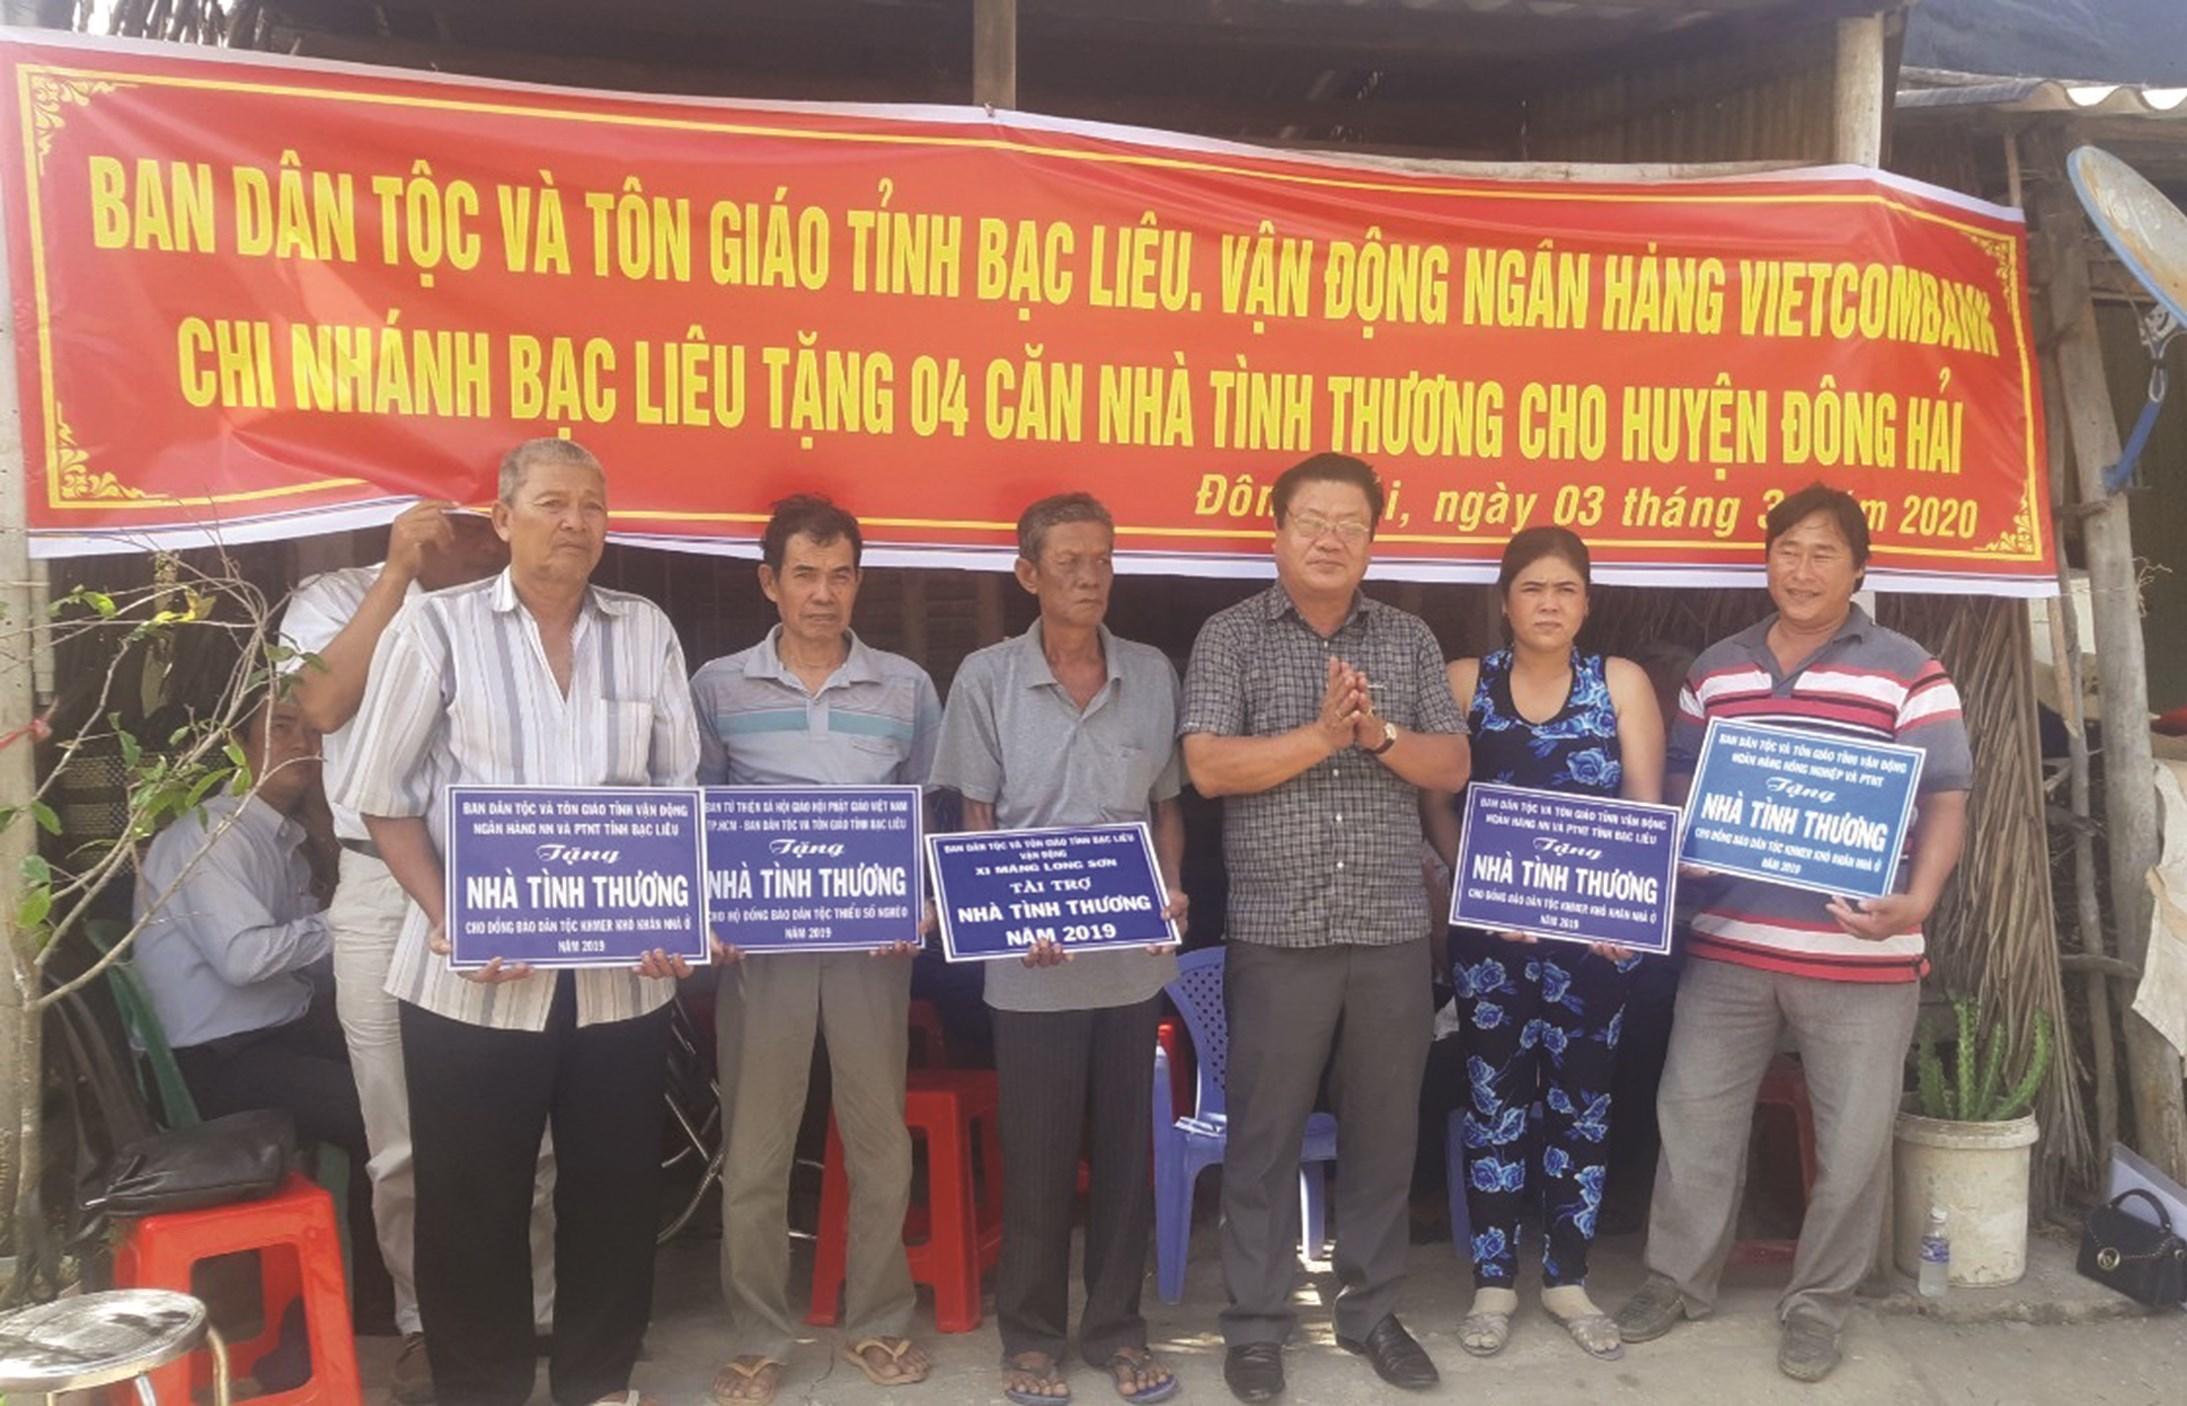 Vận động và trao nhà tình thương là hoạt động thường xuyên của Ban Dân tộc và Tôn giáo tỉnh Bạc Liêu, góp phần xóa nhà tạm cho đồng bào DTTS.